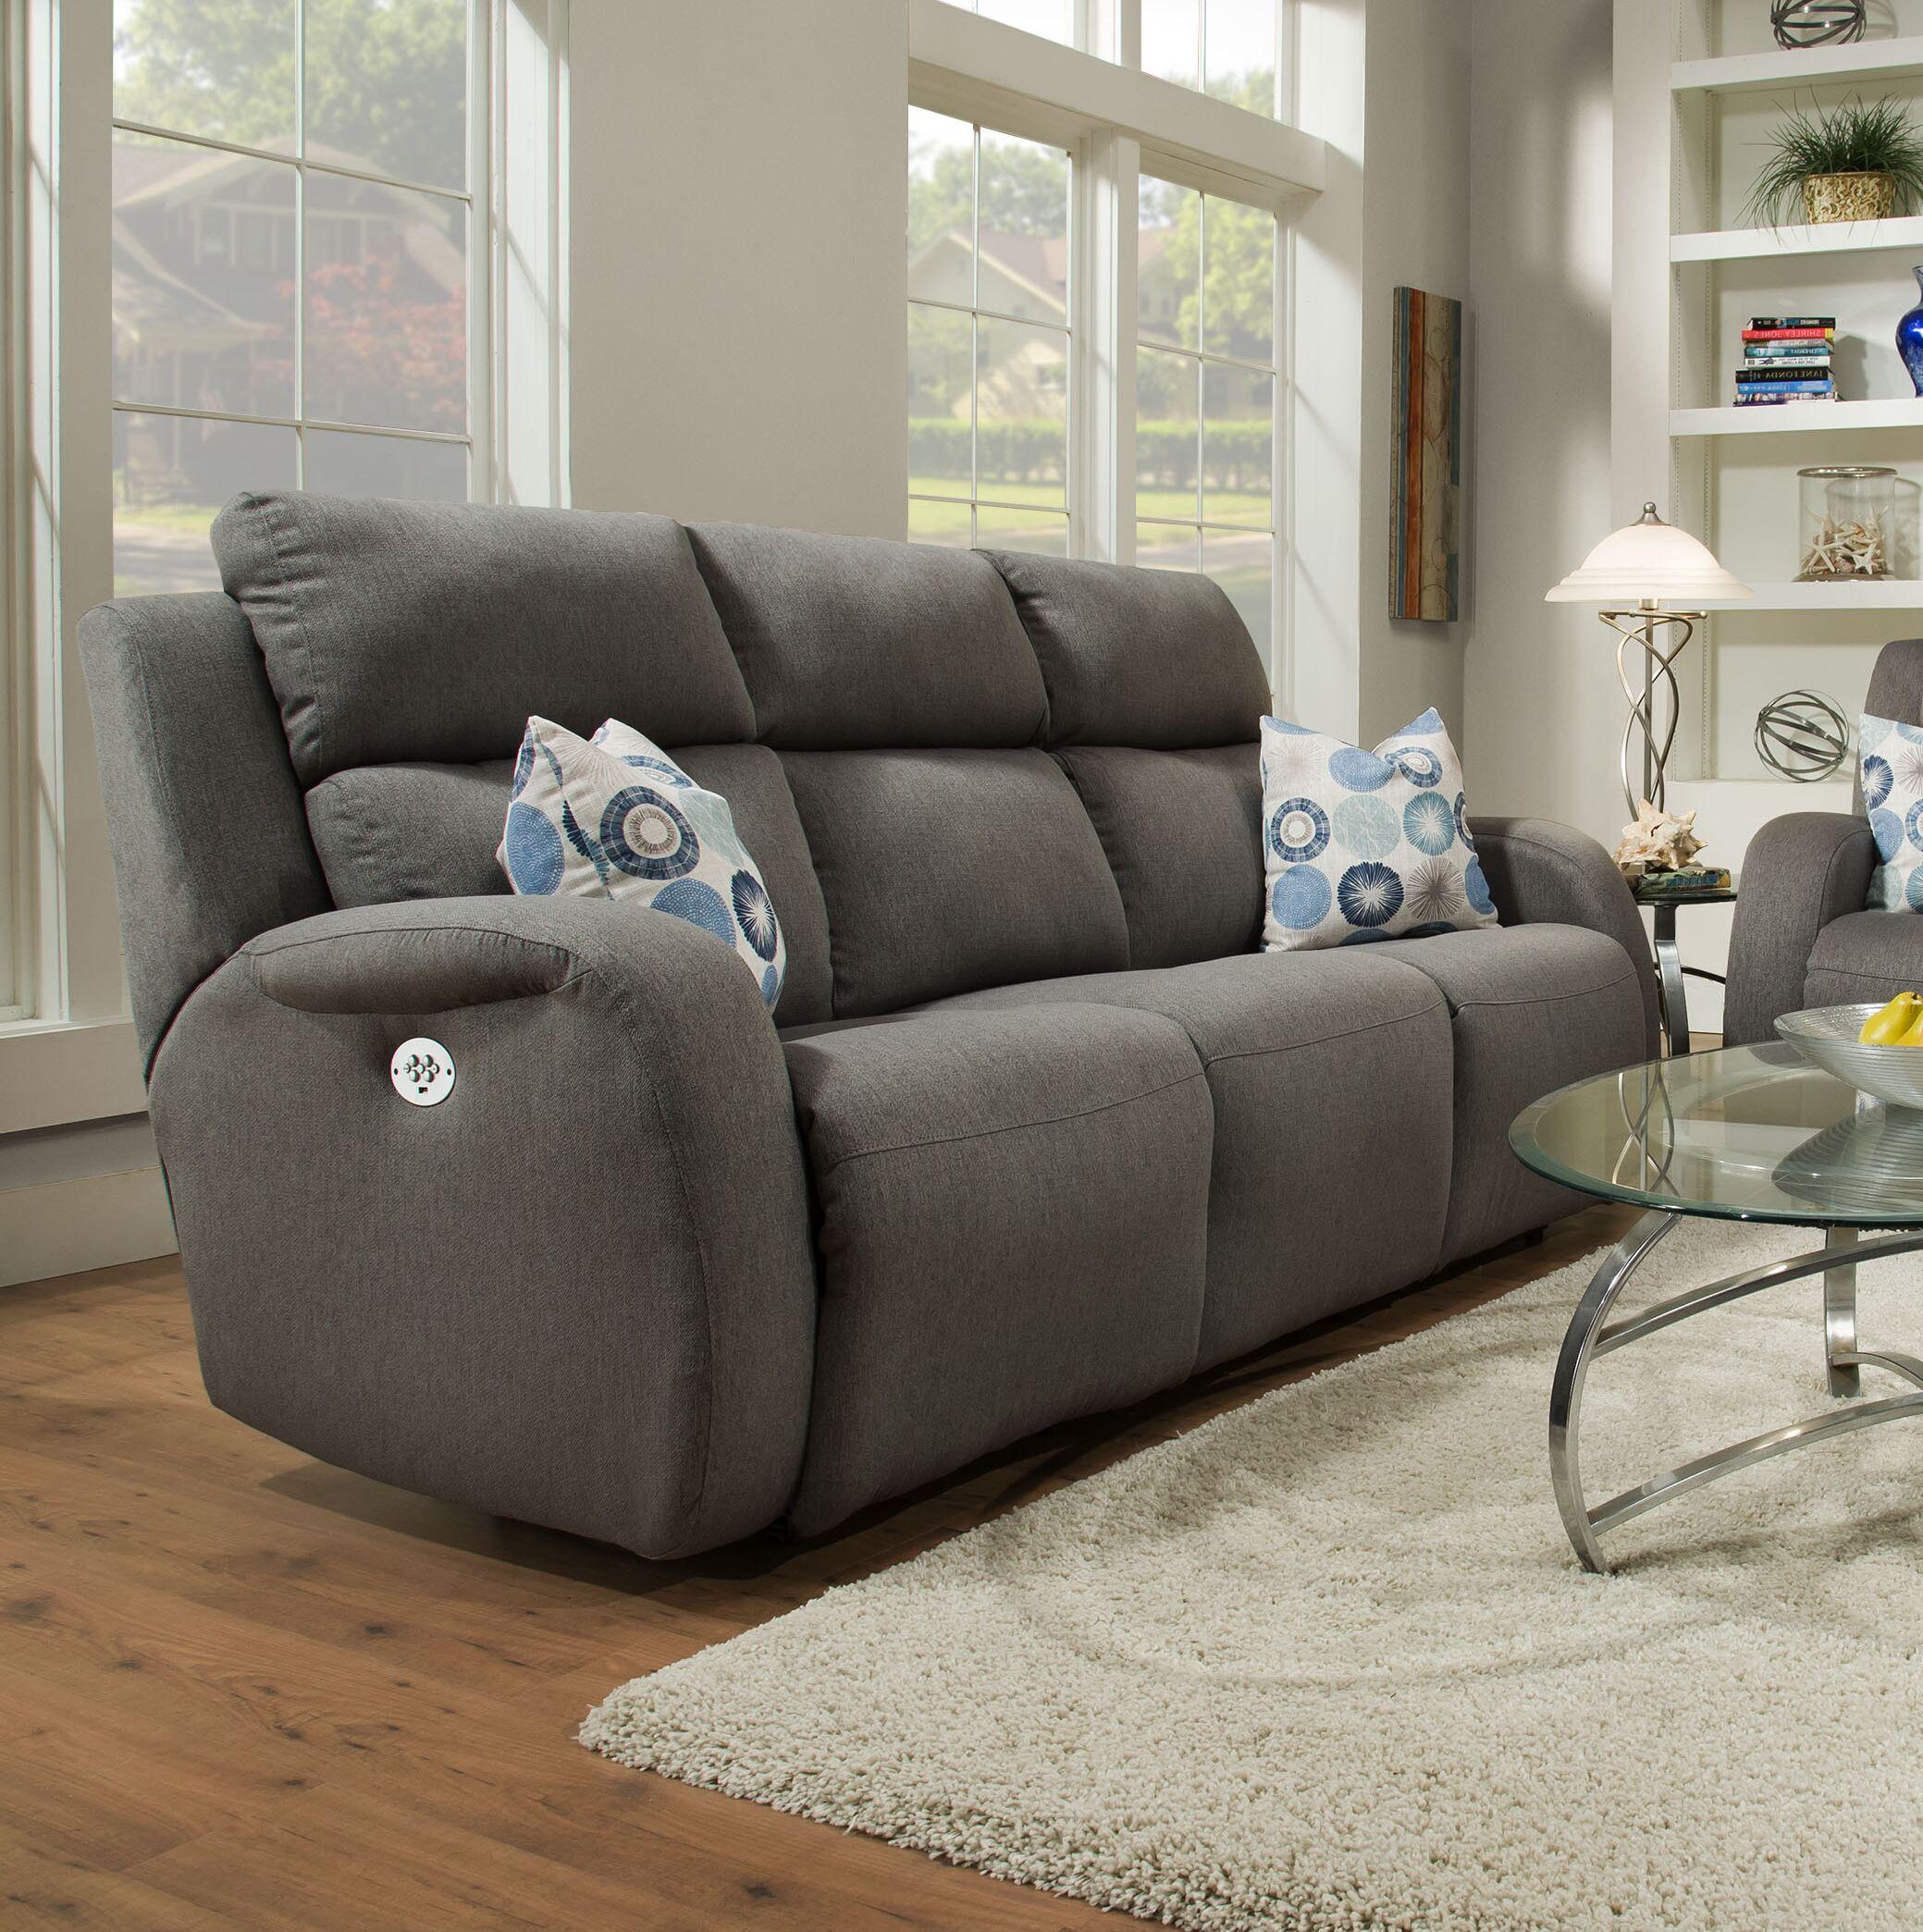 Grand Slam Reclining Sofa Reclining Type: Manual